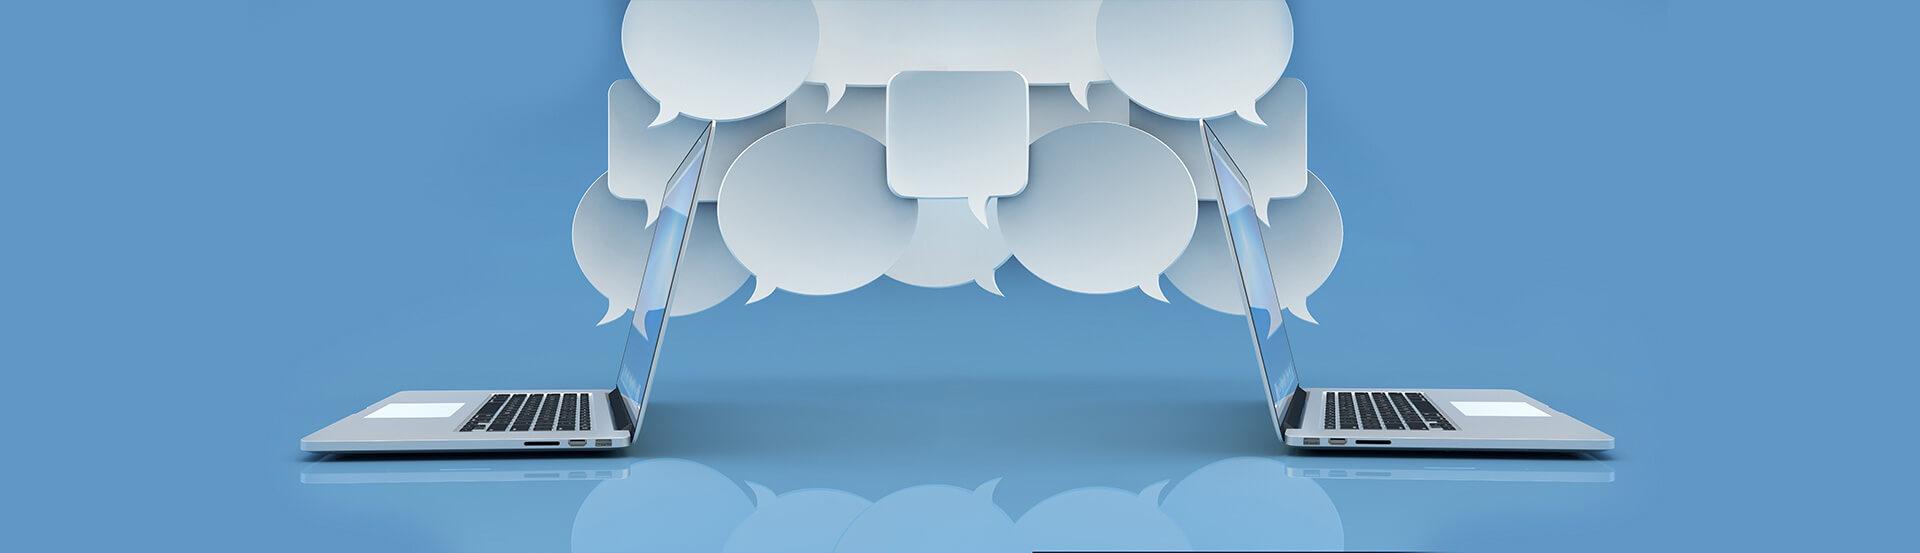 DialogMaker: qualitative forum